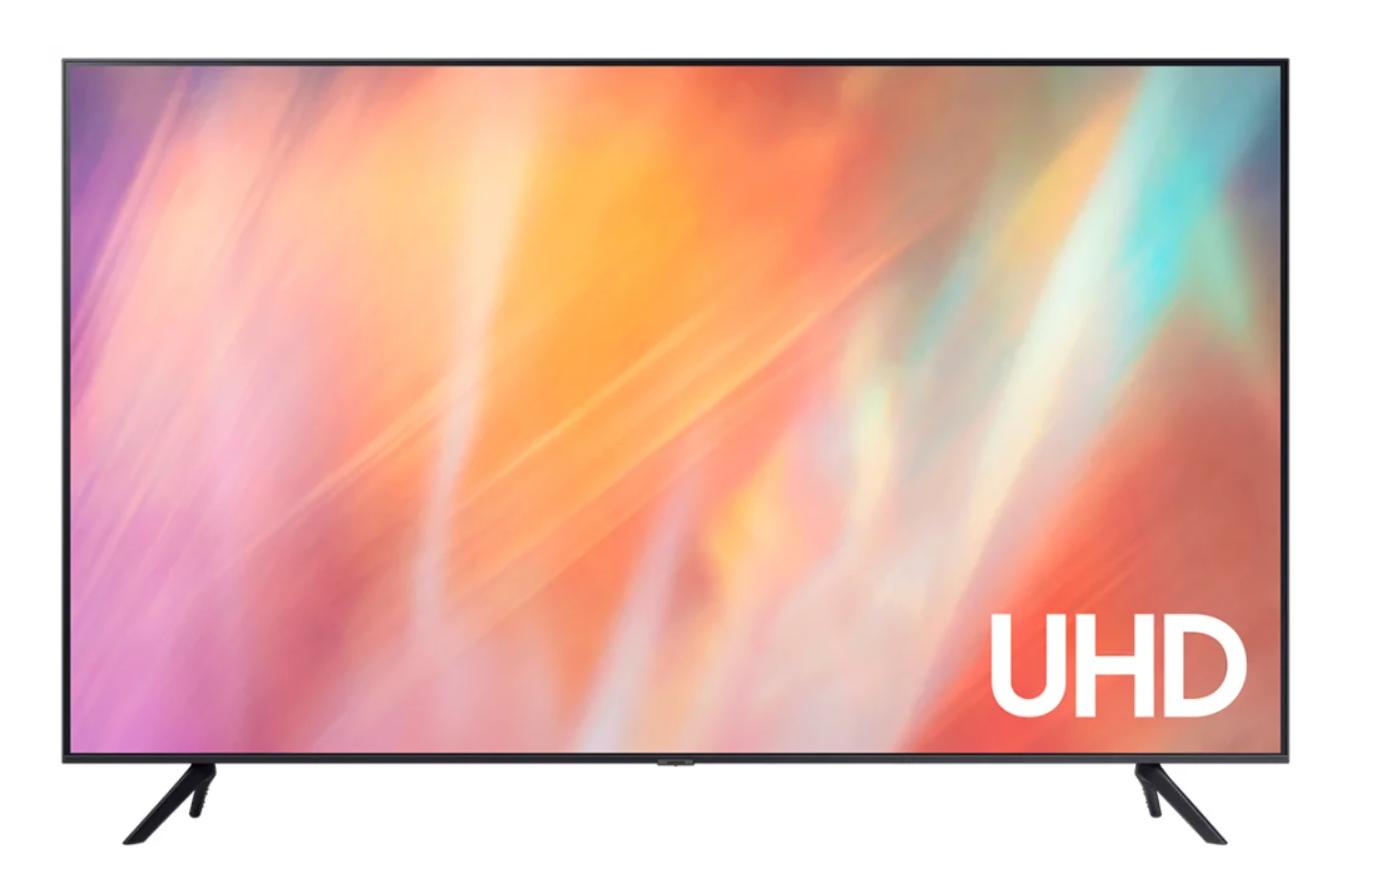 Телевизор Samsung UE43AU7100U 42.5″ (2021), черный